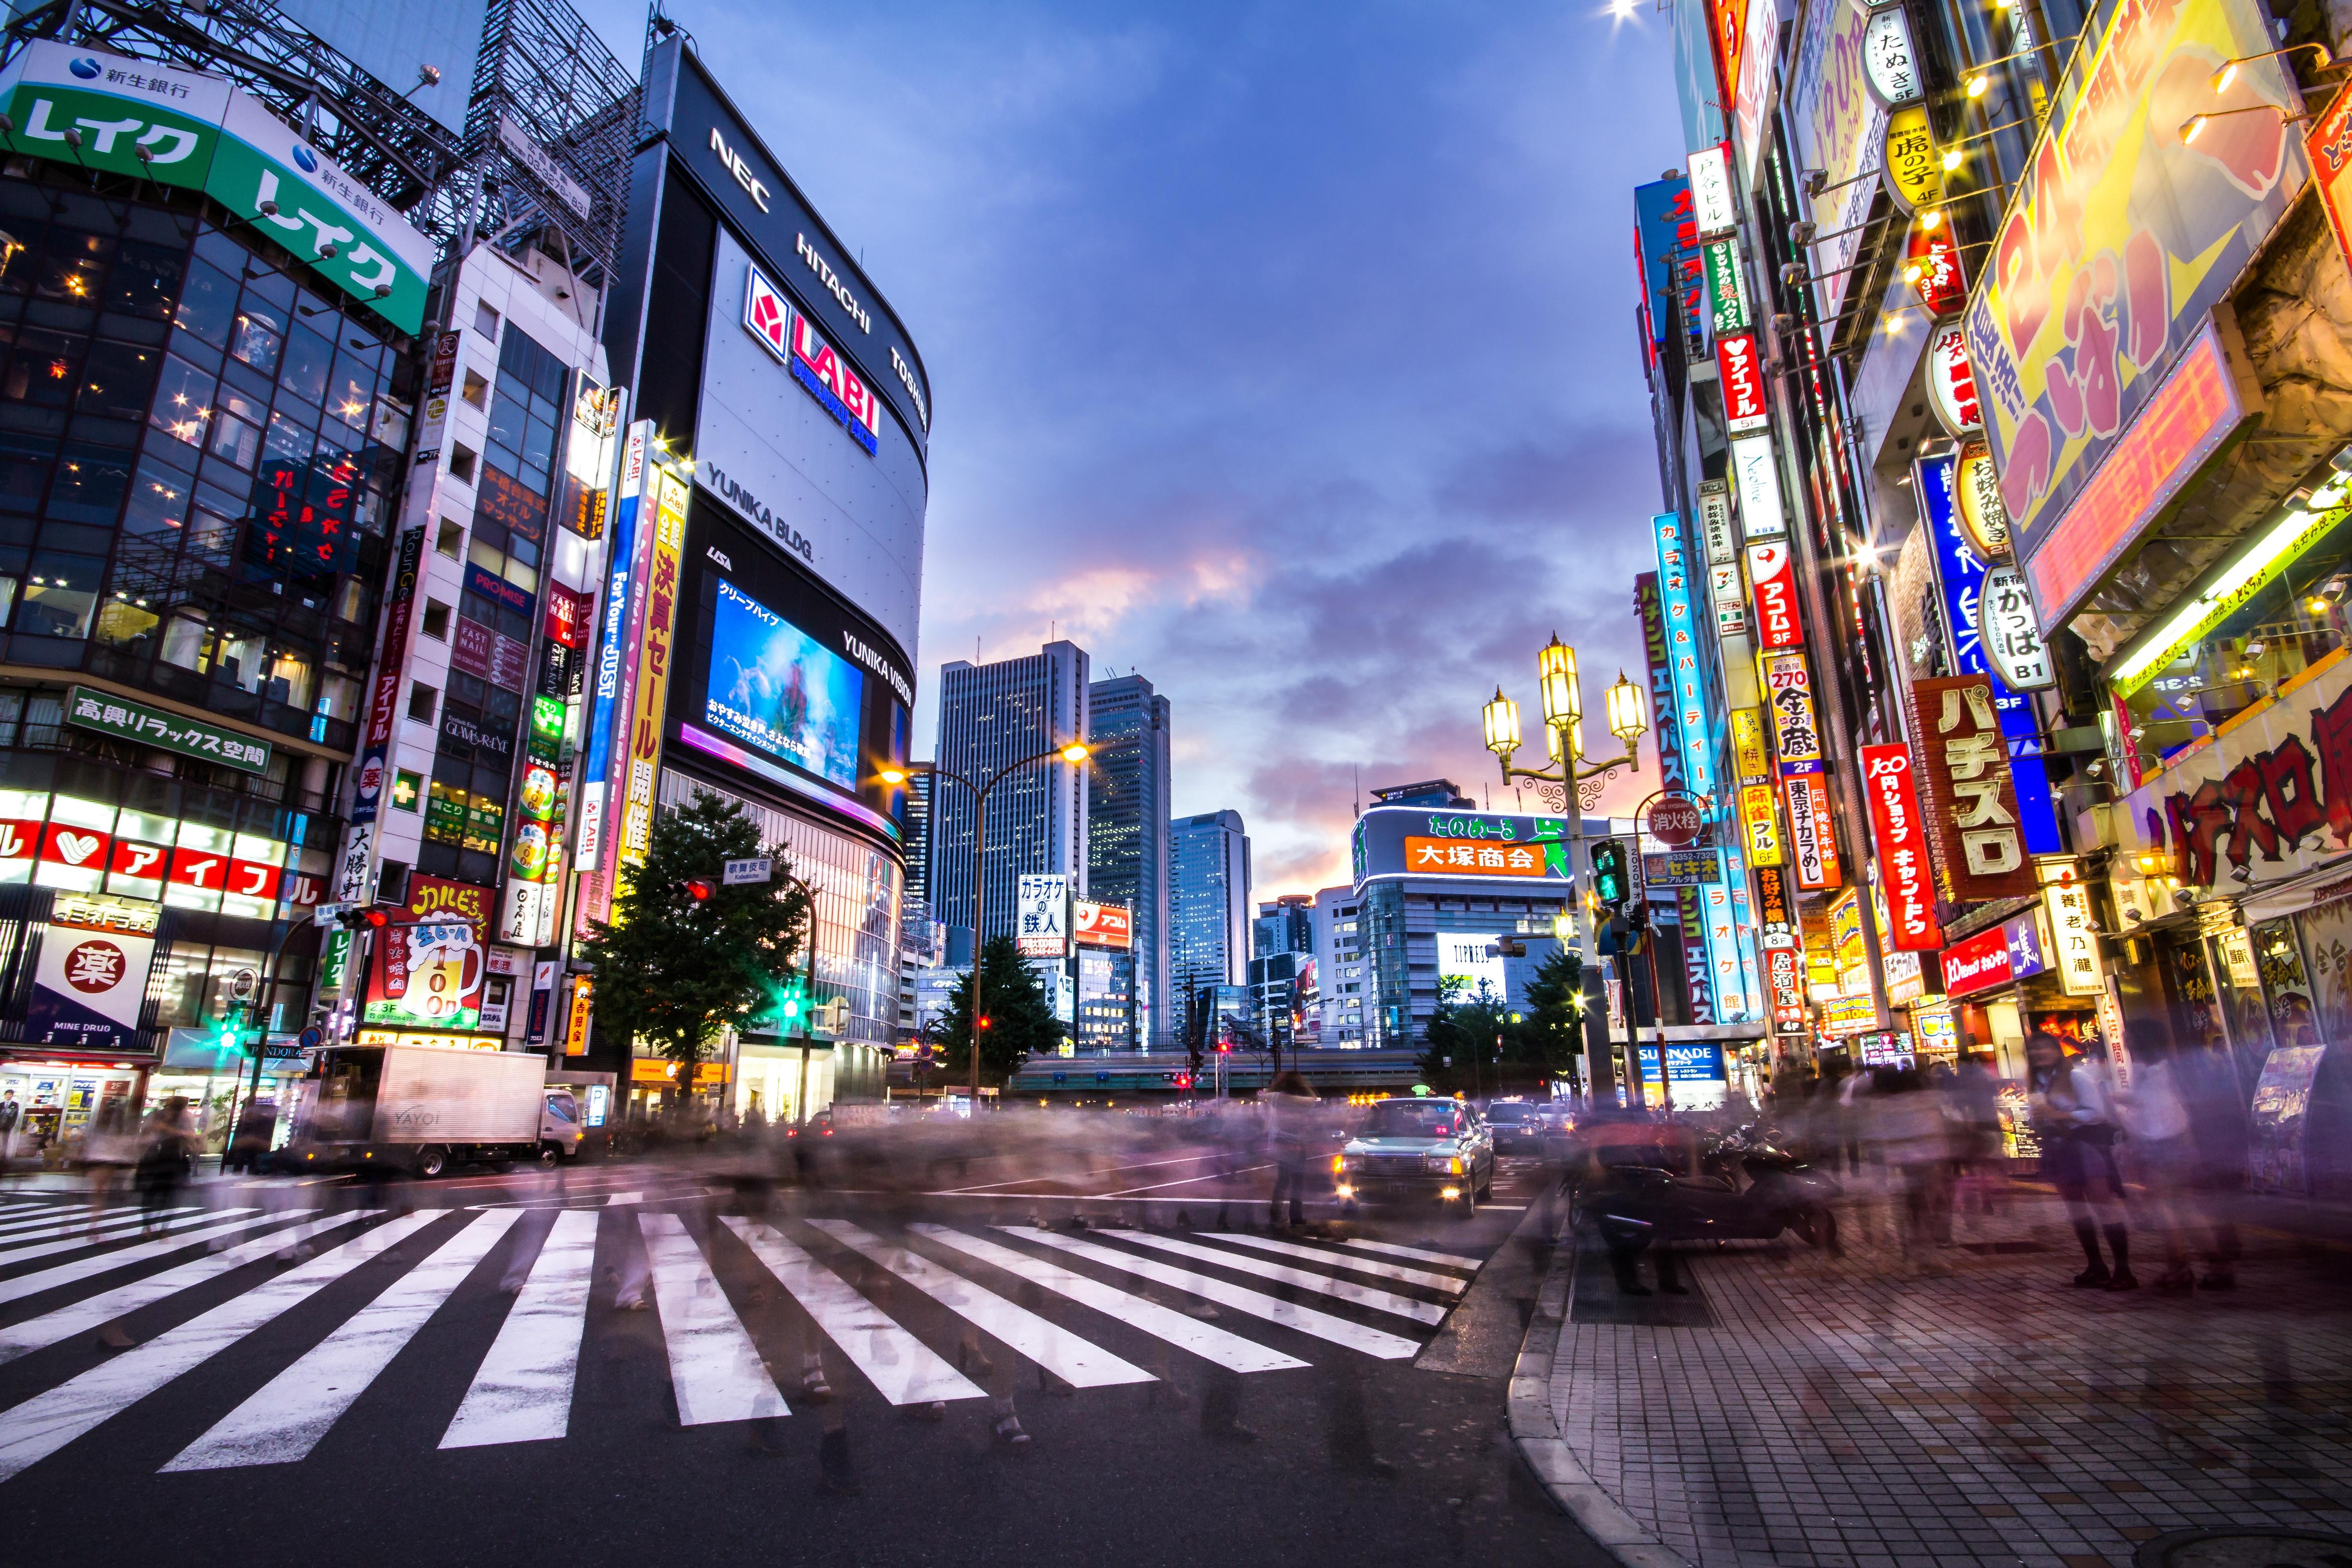 Un nuovo successo firmato Landis+Gyr: più di 10 milioni di dispositivi sulla rete IoT di TEPCO